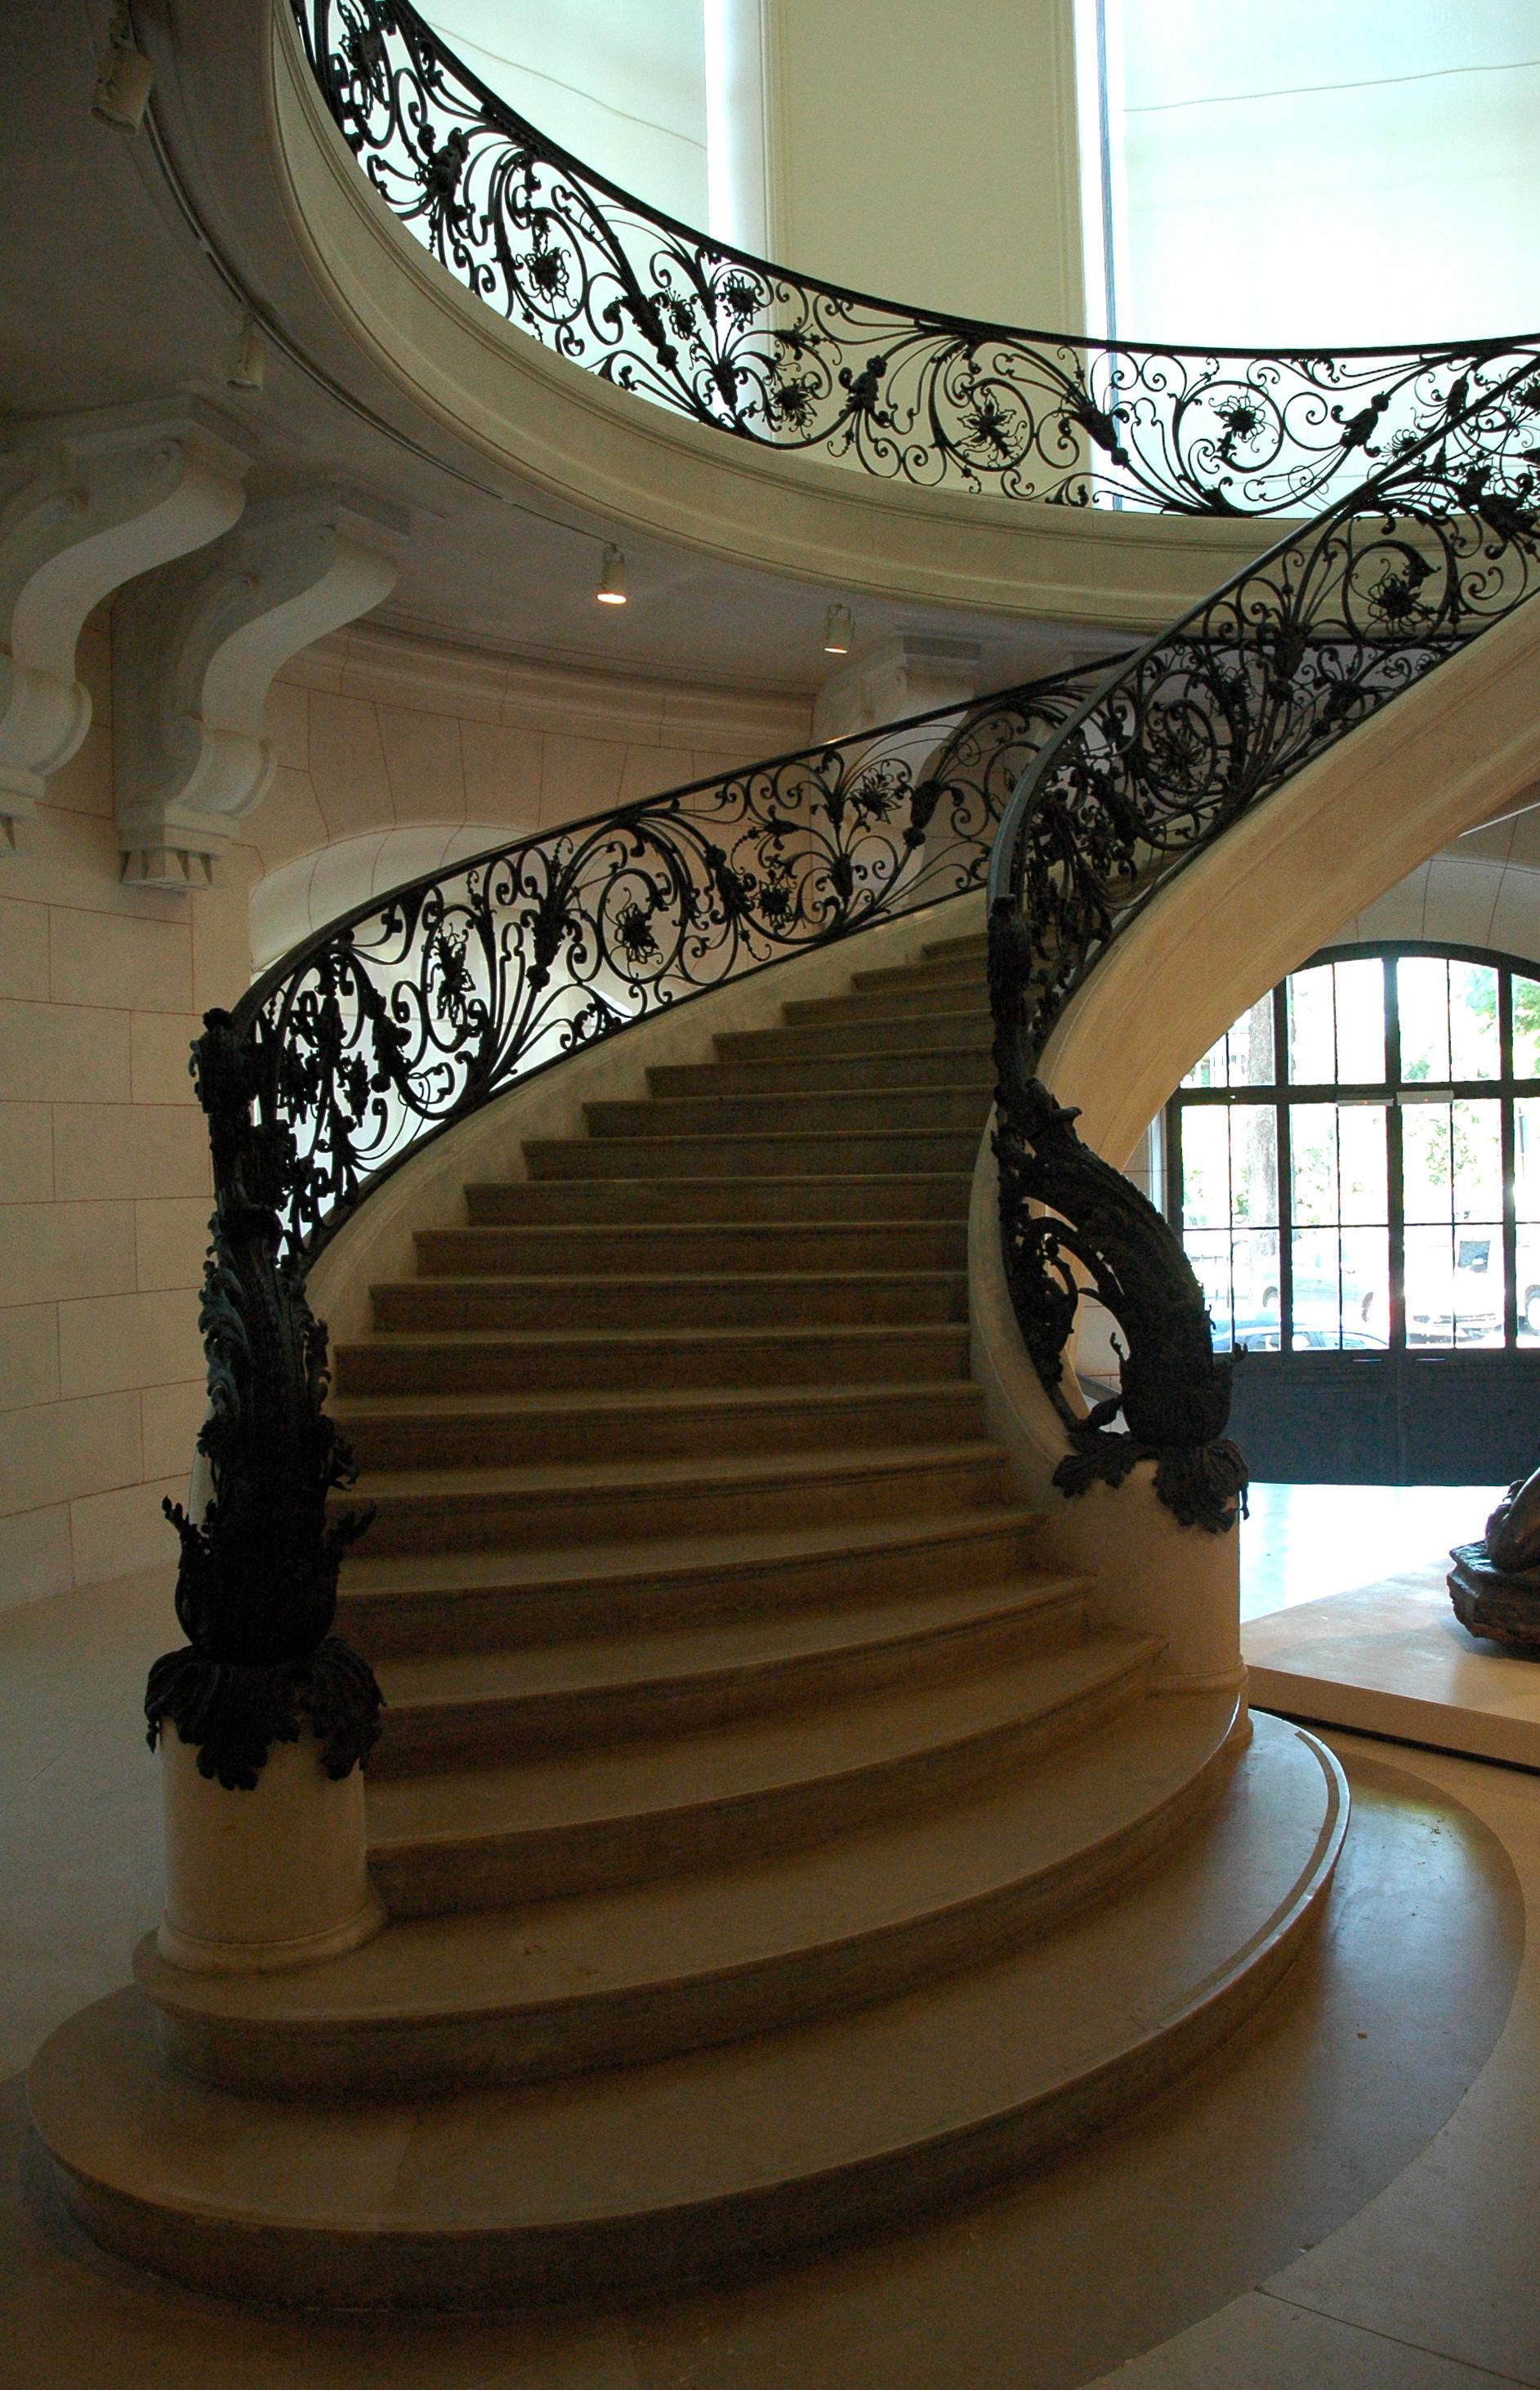 file france paris petit palais interieur wikimedia commons. Black Bedroom Furniture Sets. Home Design Ideas